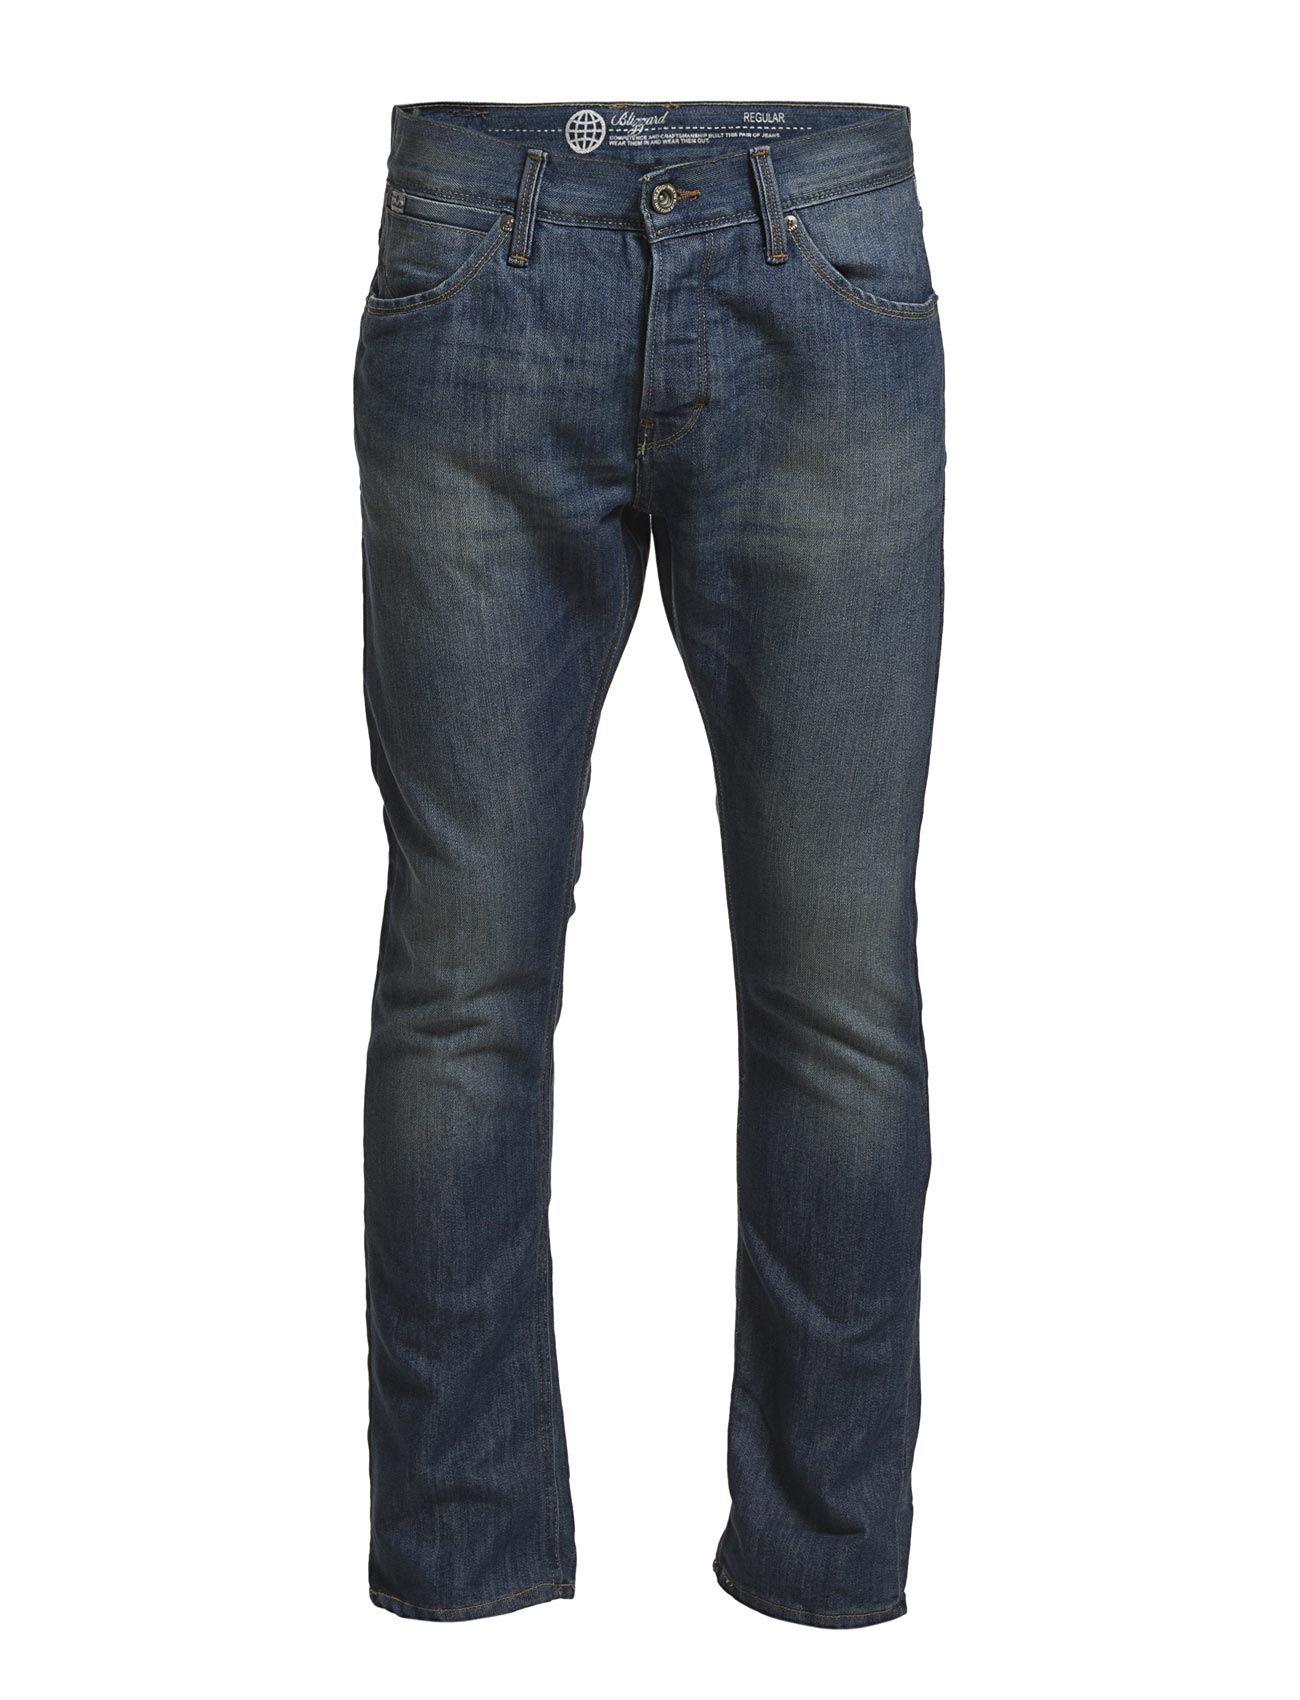 Blend Jeans - NOOS Blizzard fit